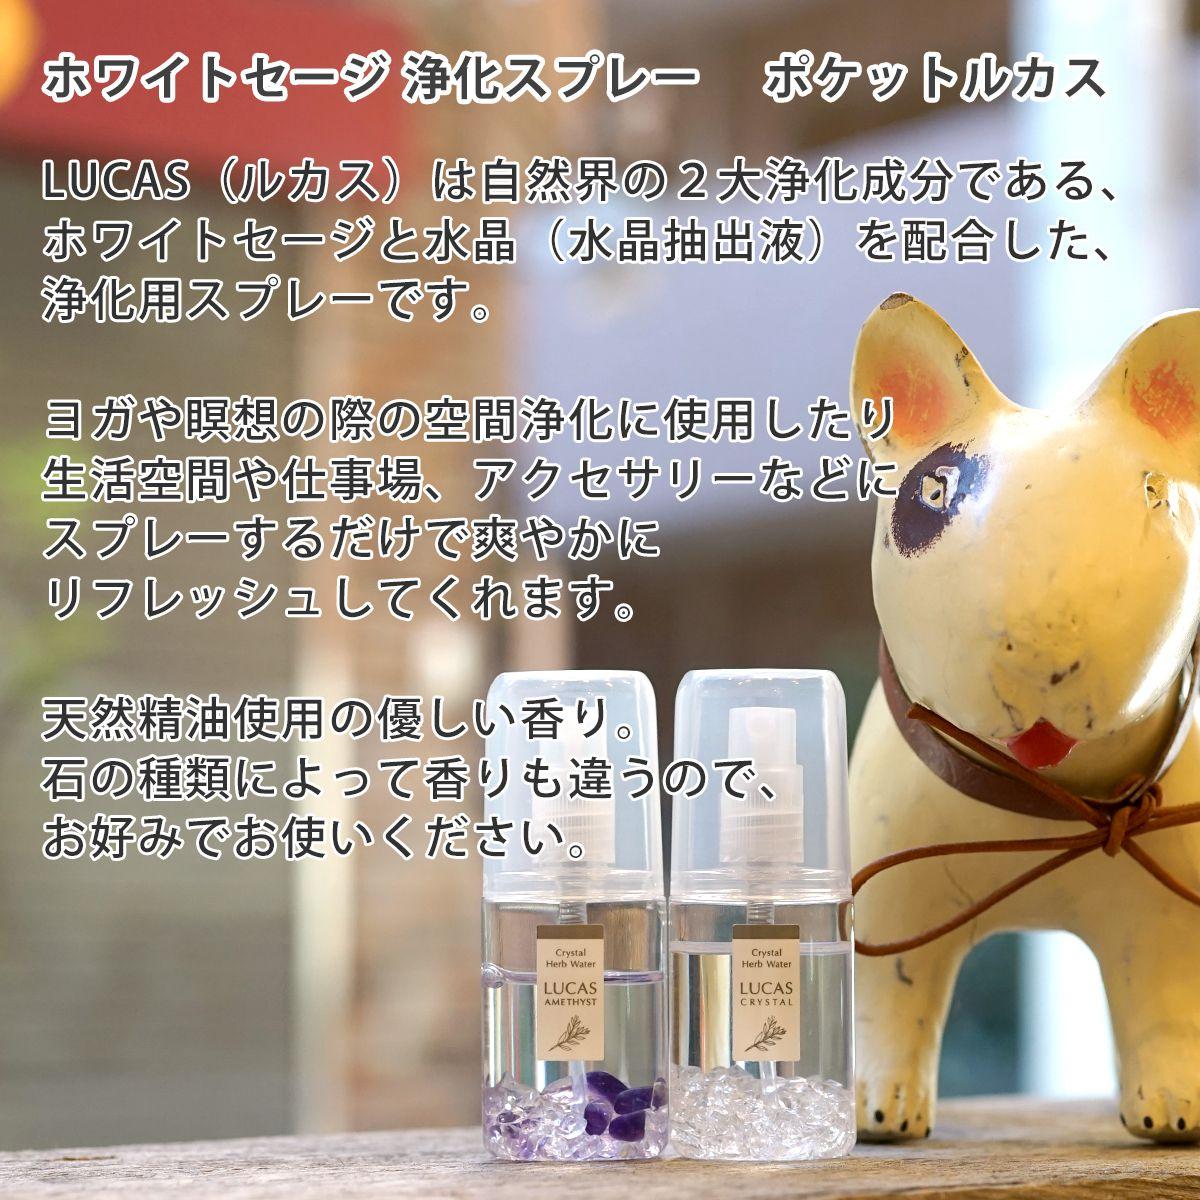 浄化スプレー ポケットルカス 【アメジスト】(天然成分100%)